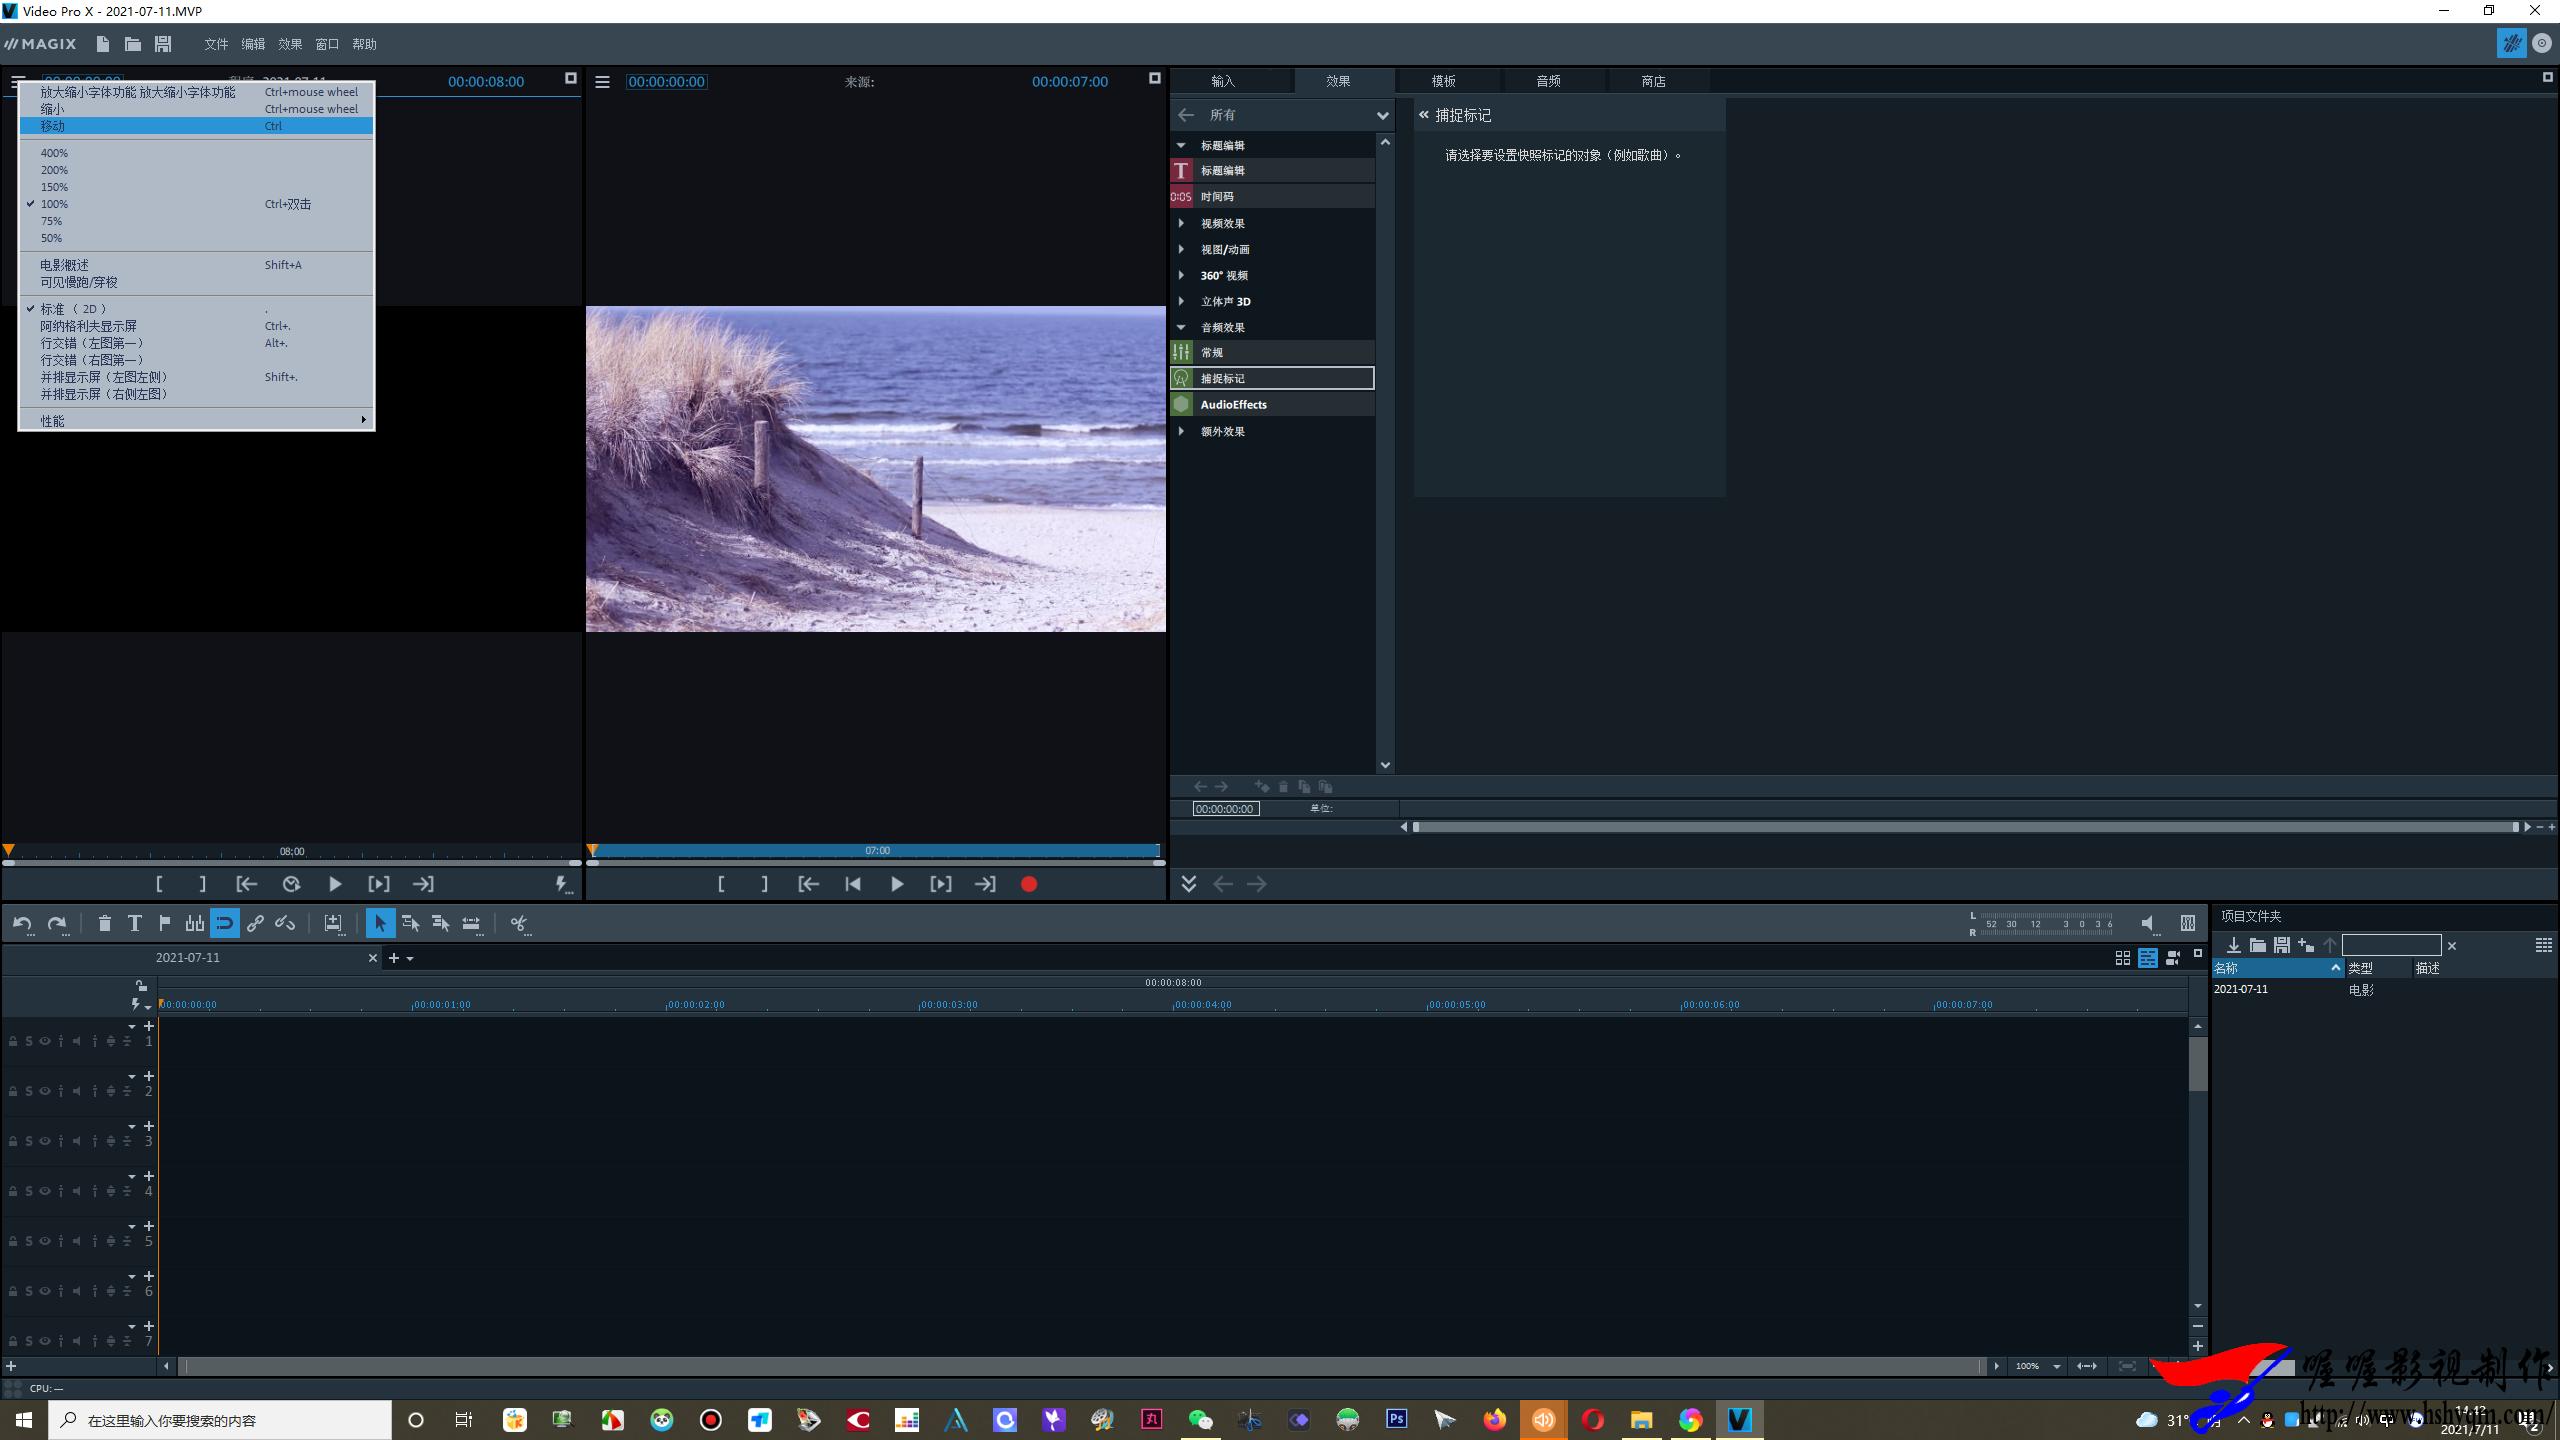 视频编辑软件 MAGIX Video Pro X13 v19.0.1.117 多语言版